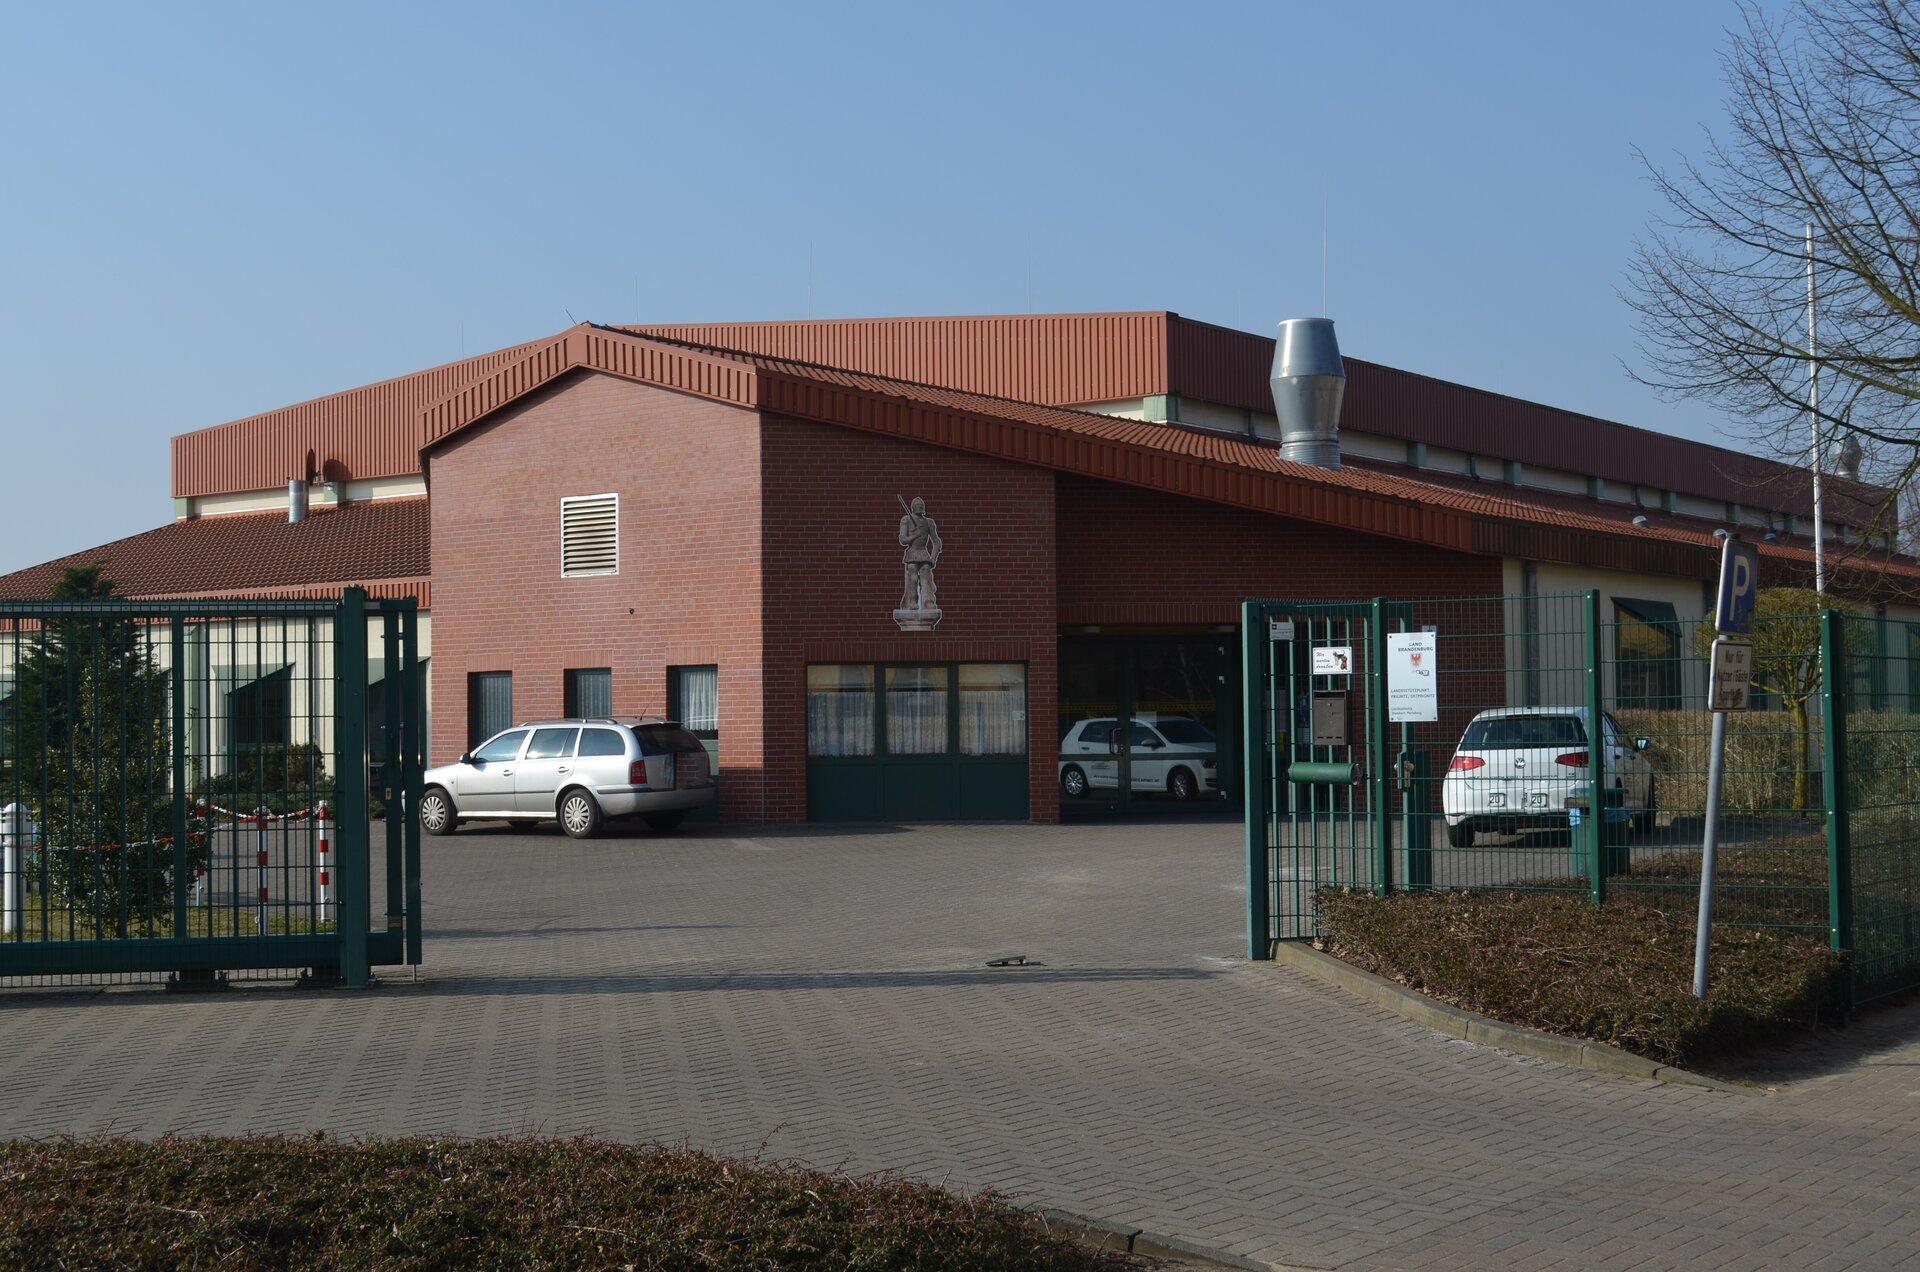 3-Felder-Rolandhalle inkl. Außensportanlagen